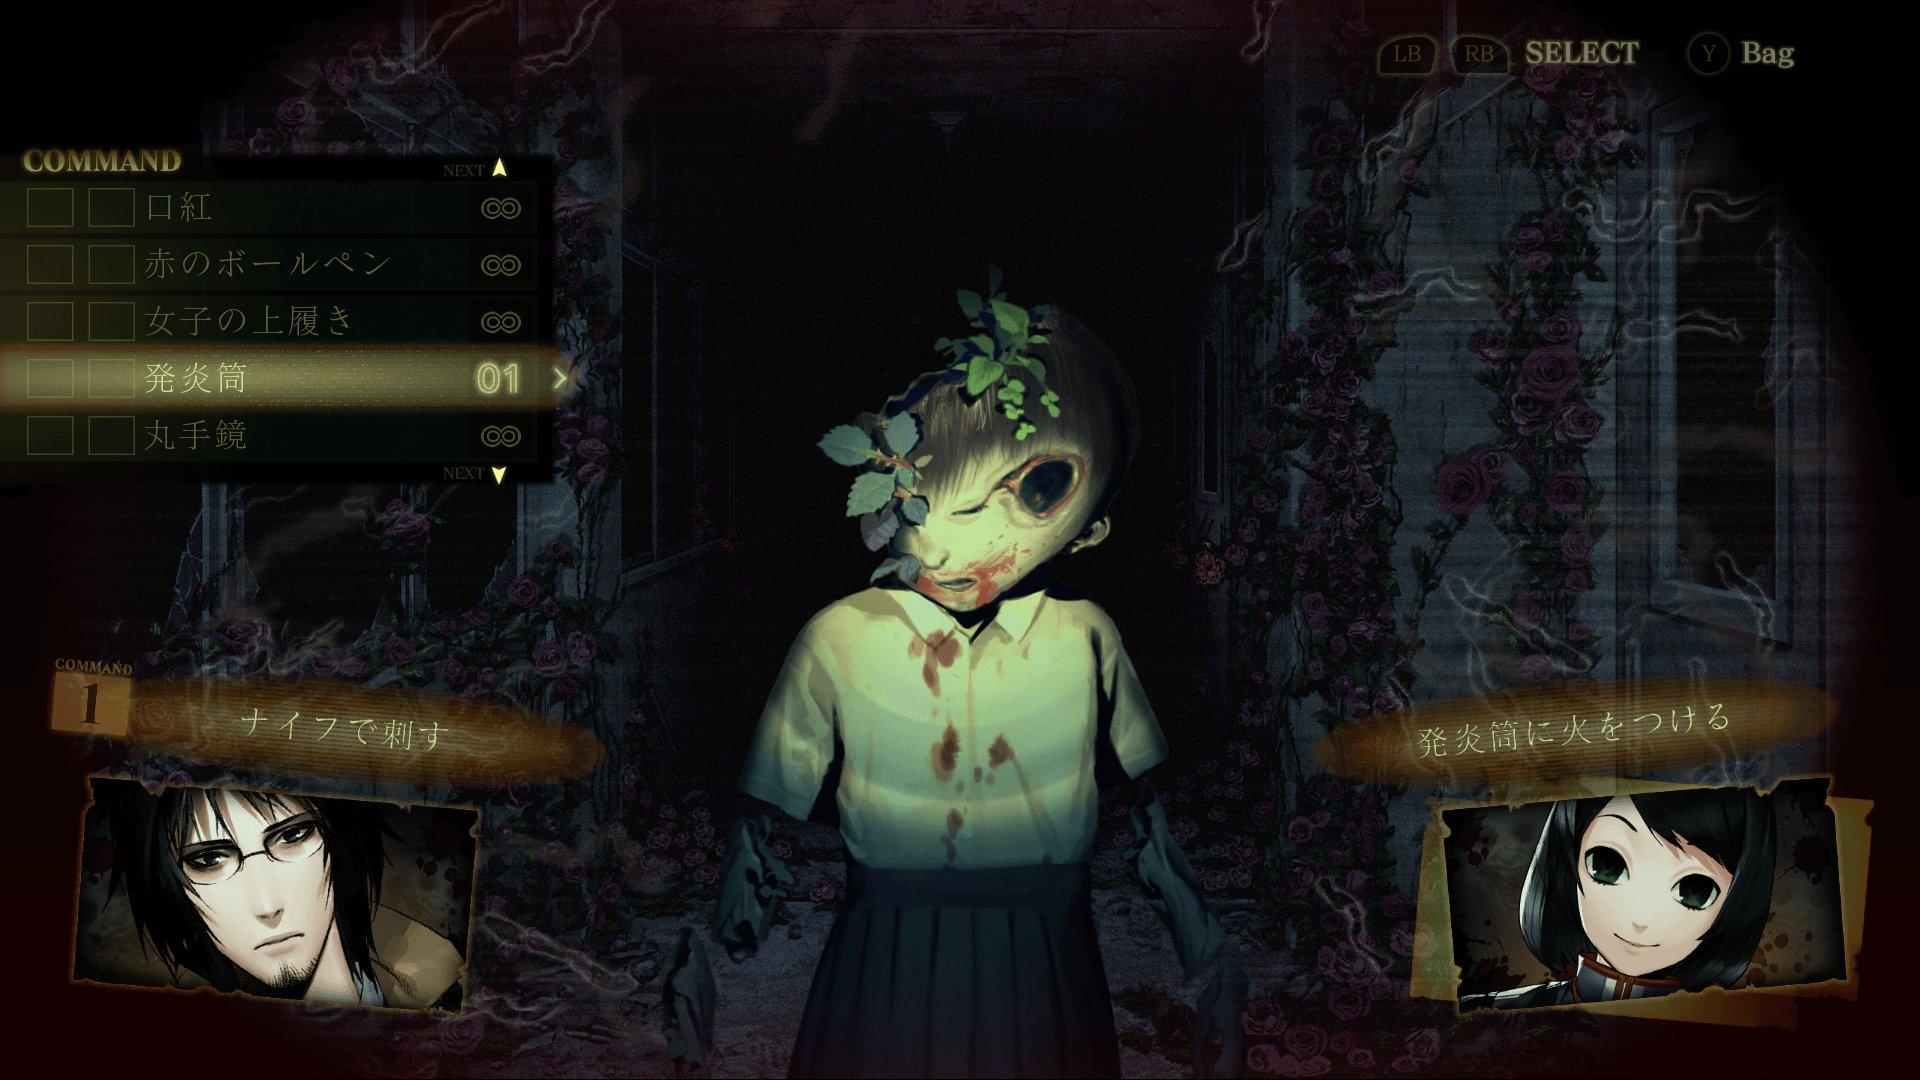 画风诡异惊悚 恐怖游戏《死印》10月登陆日本xbox one